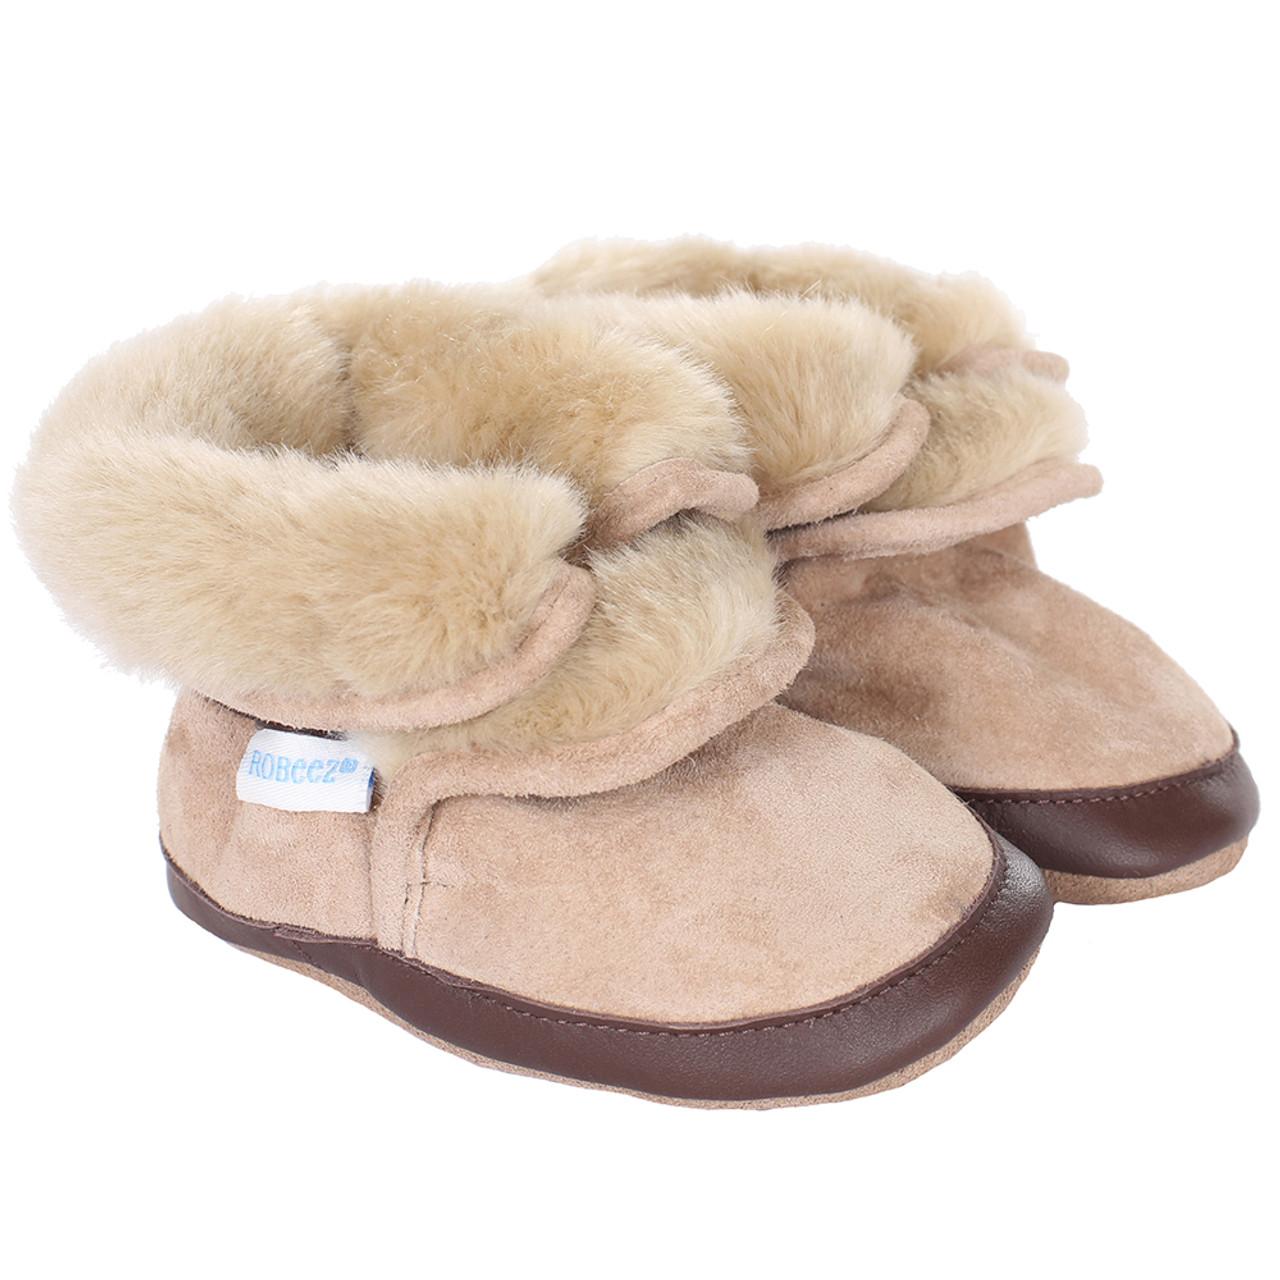 8269e1f9cfa6c Robeez Cozy Ankle Bootie Soft Soles